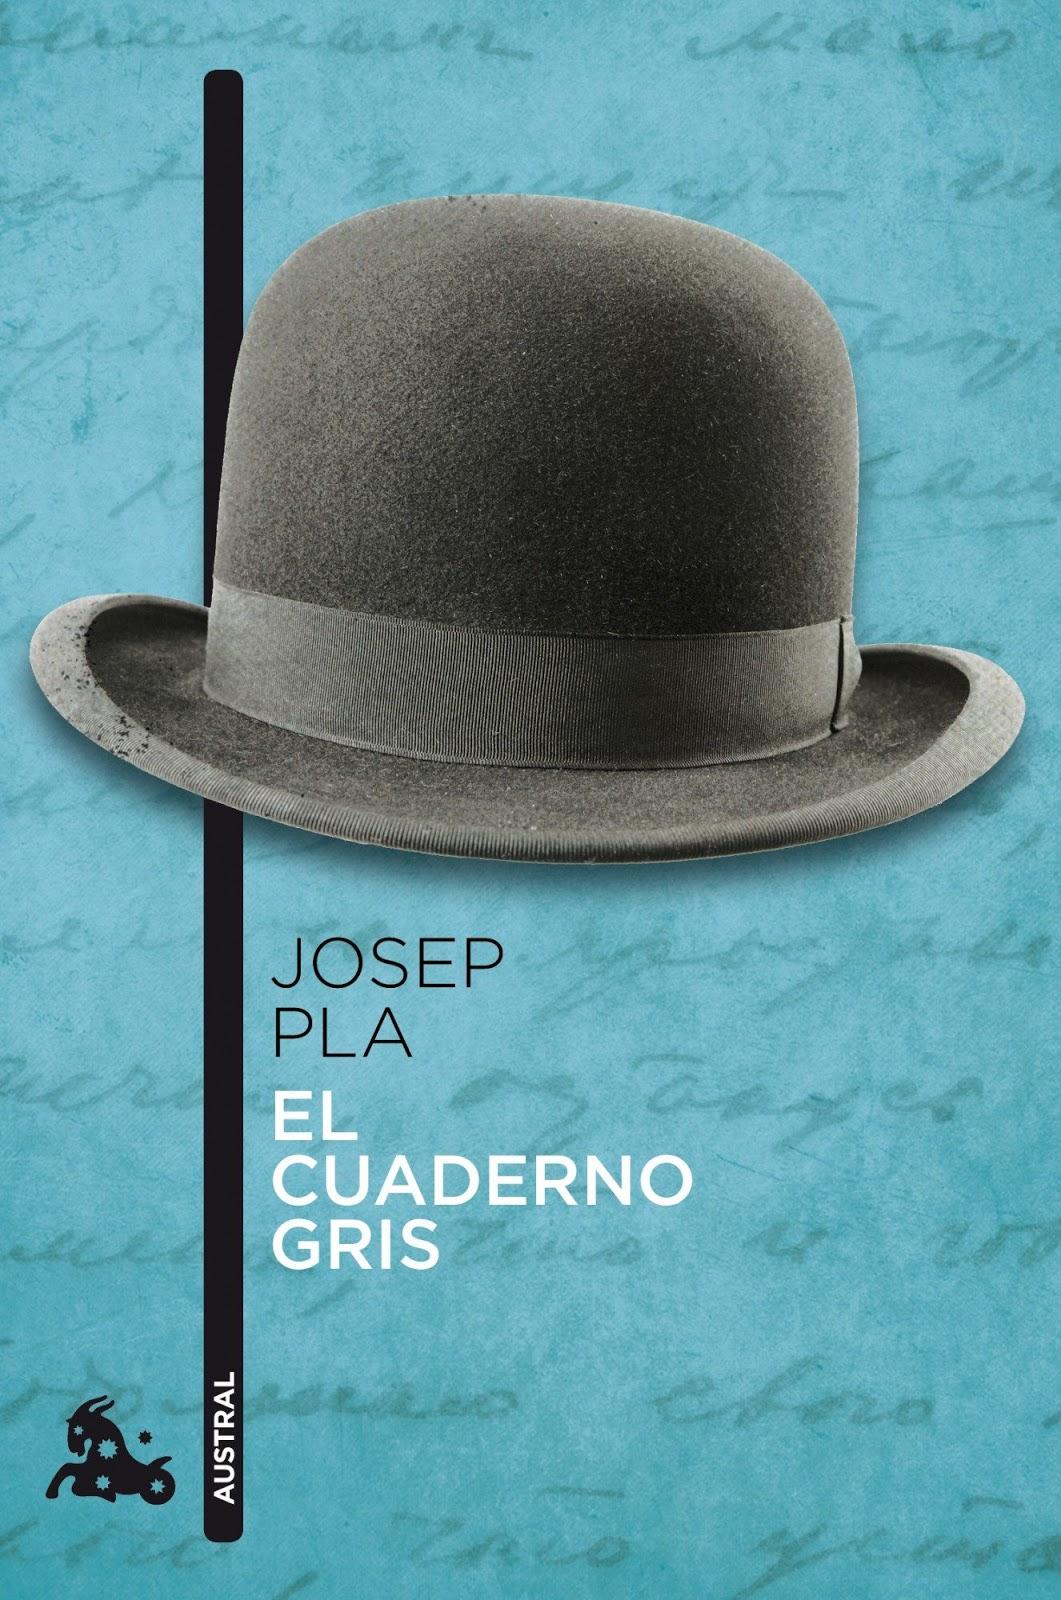 http://laantiguabiblos.blogspot.com.es/2016/10/el-cuaderno-gris-josep-pla.html